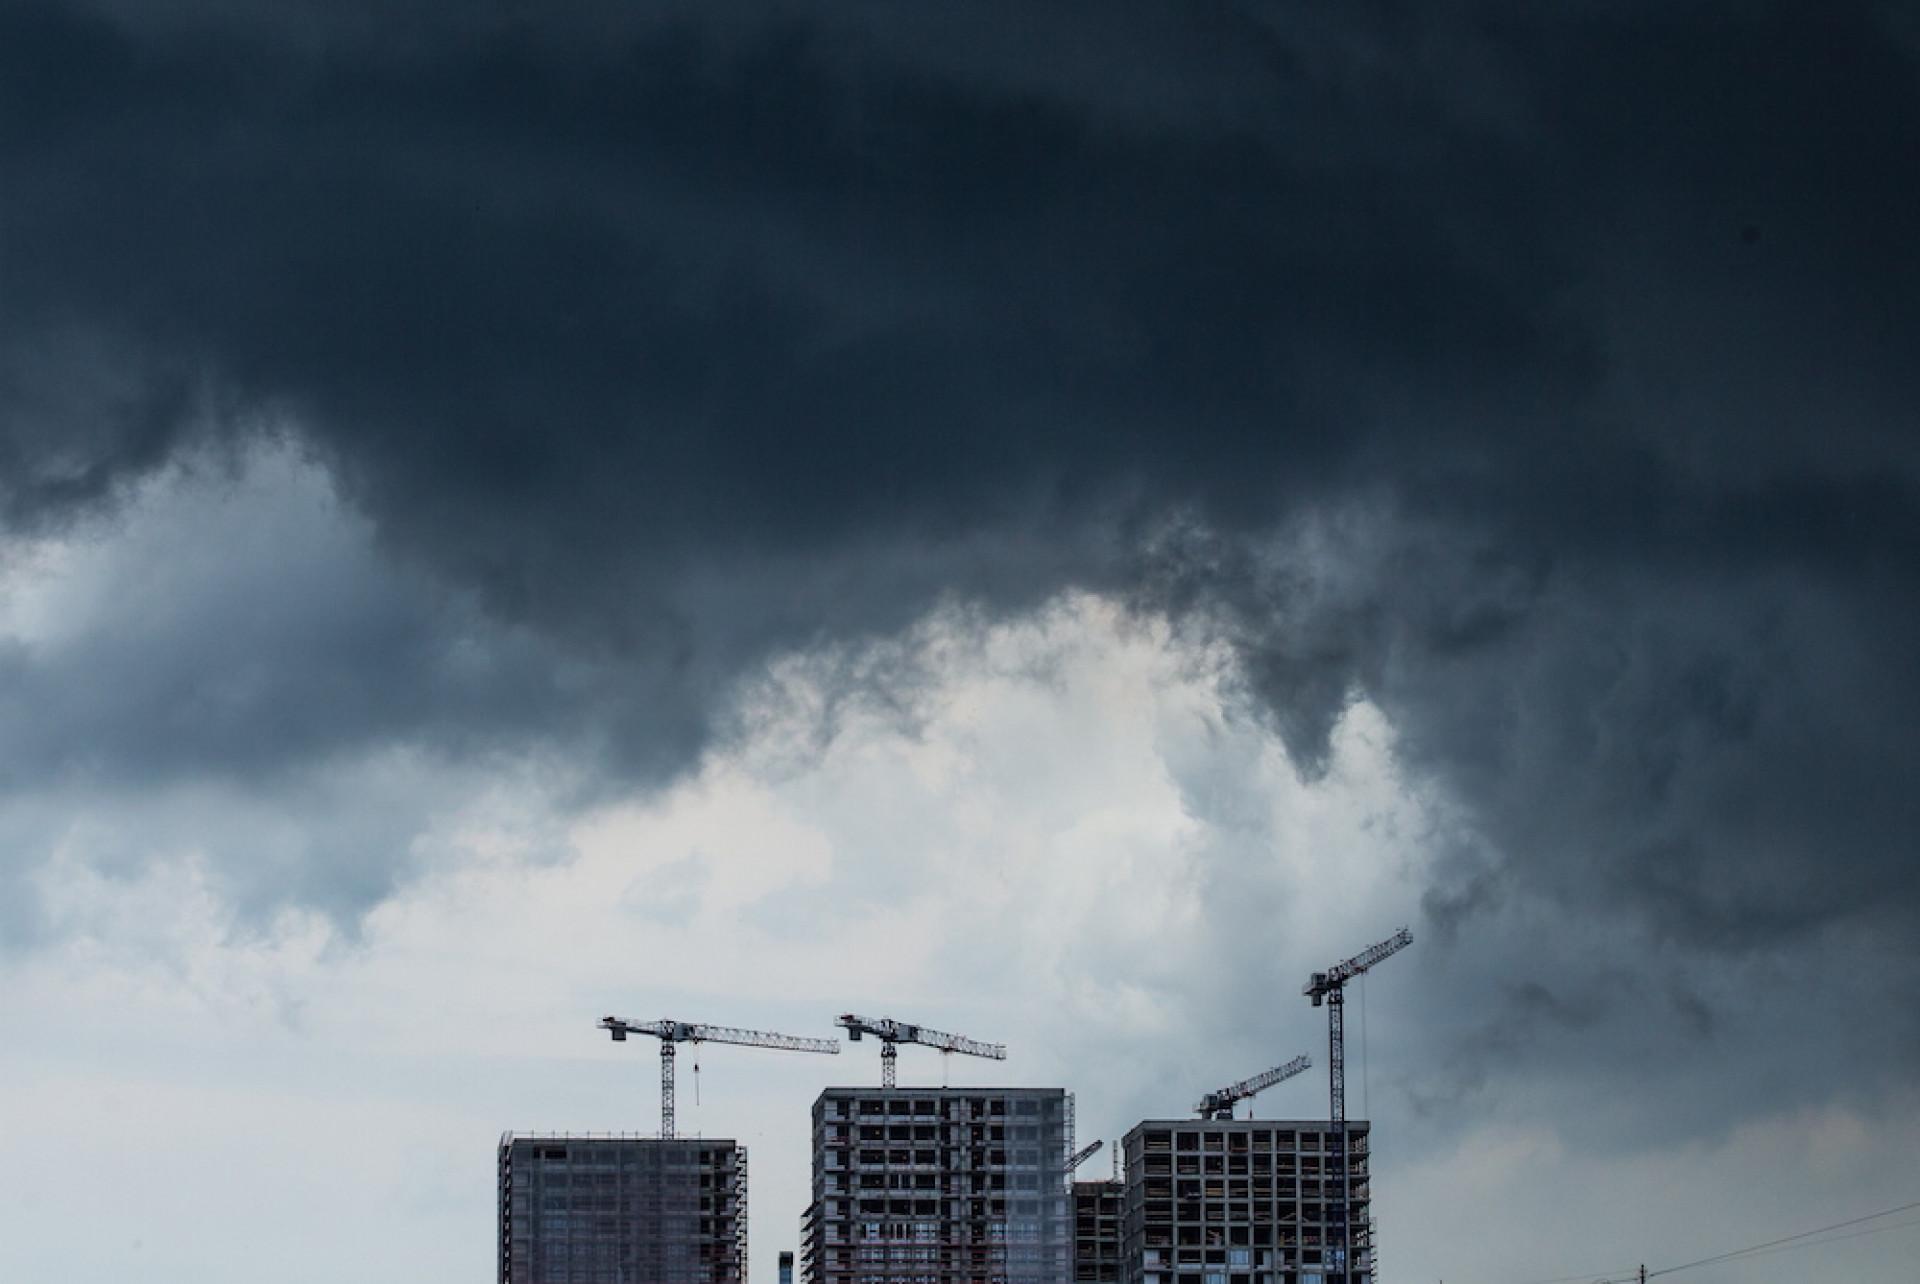 Спасатели предупреждают: сильнейший ветер и гроза уже на пороге Тверской области